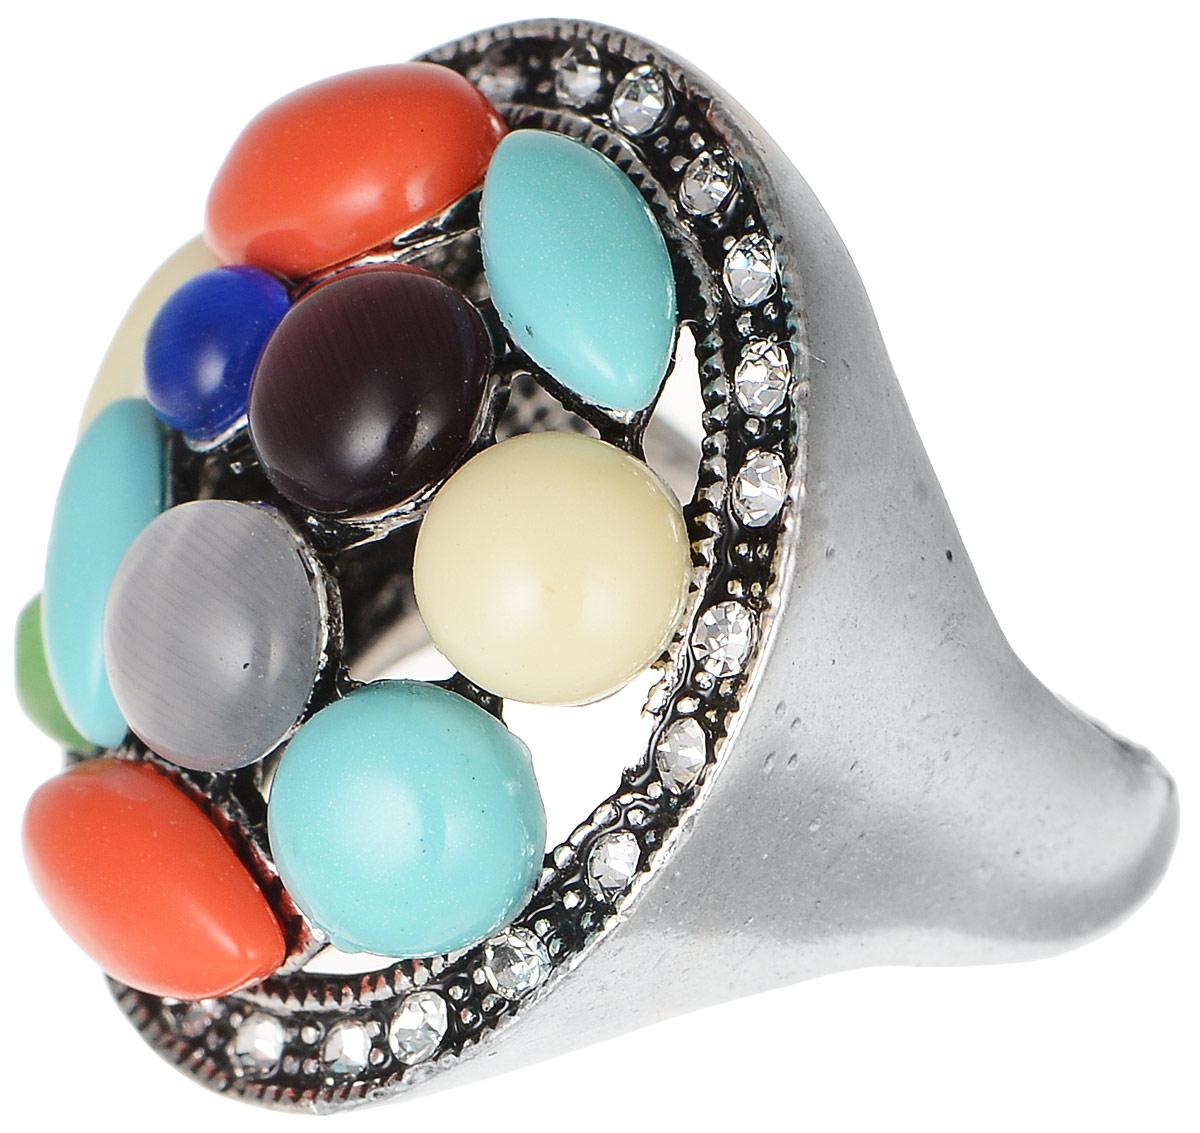 Кольцо Polina Selezneva, цвет: серебряный, мультиколор. DG-0040DG-0040Стильное кольцо Polina Selezneva изготовлено из качественного металлического сплава. Декоративная часть оформлена вставками из ювелирной смолы и страз.